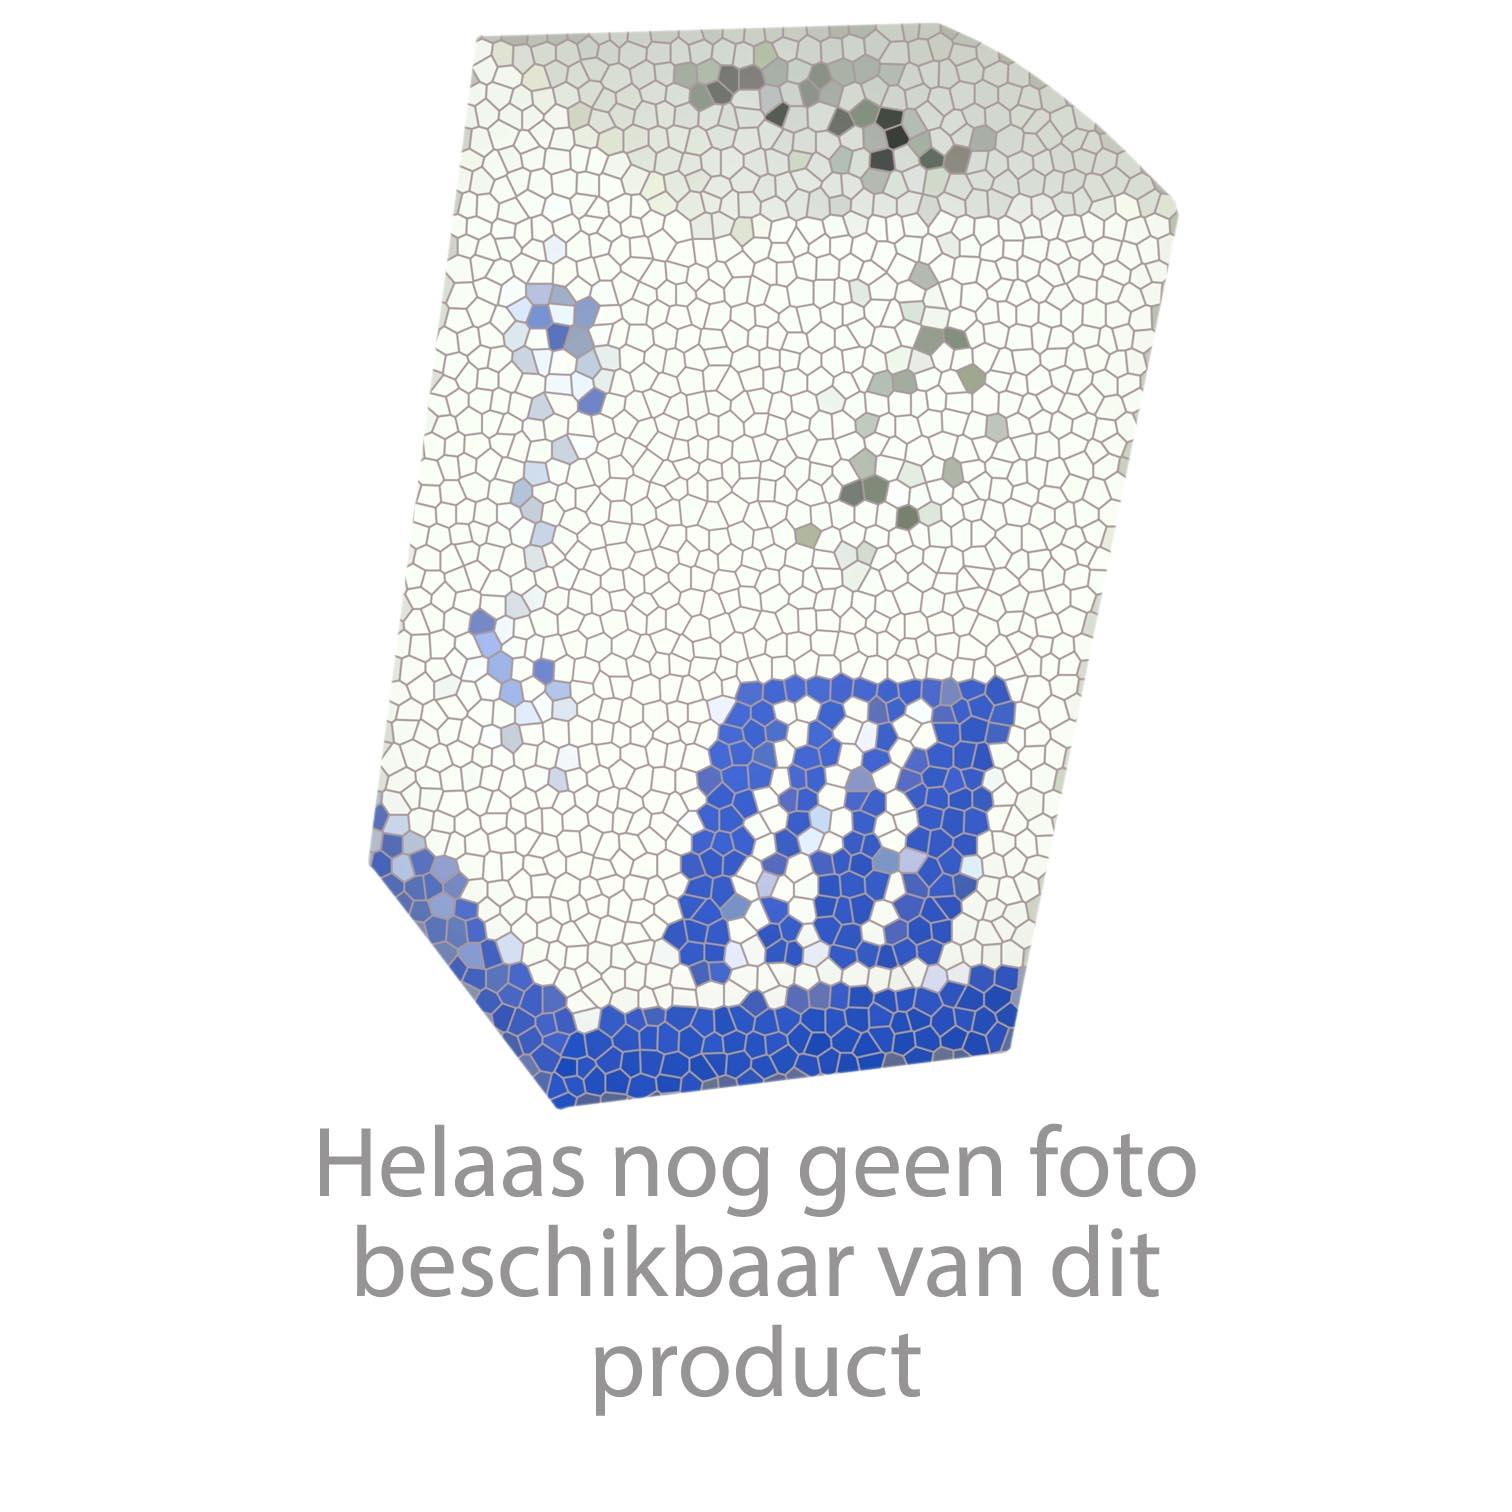 HansGrohe Afvoer- en overloopgarnituren Exafill S productiejaar > 03/05 58113000 onderdelen